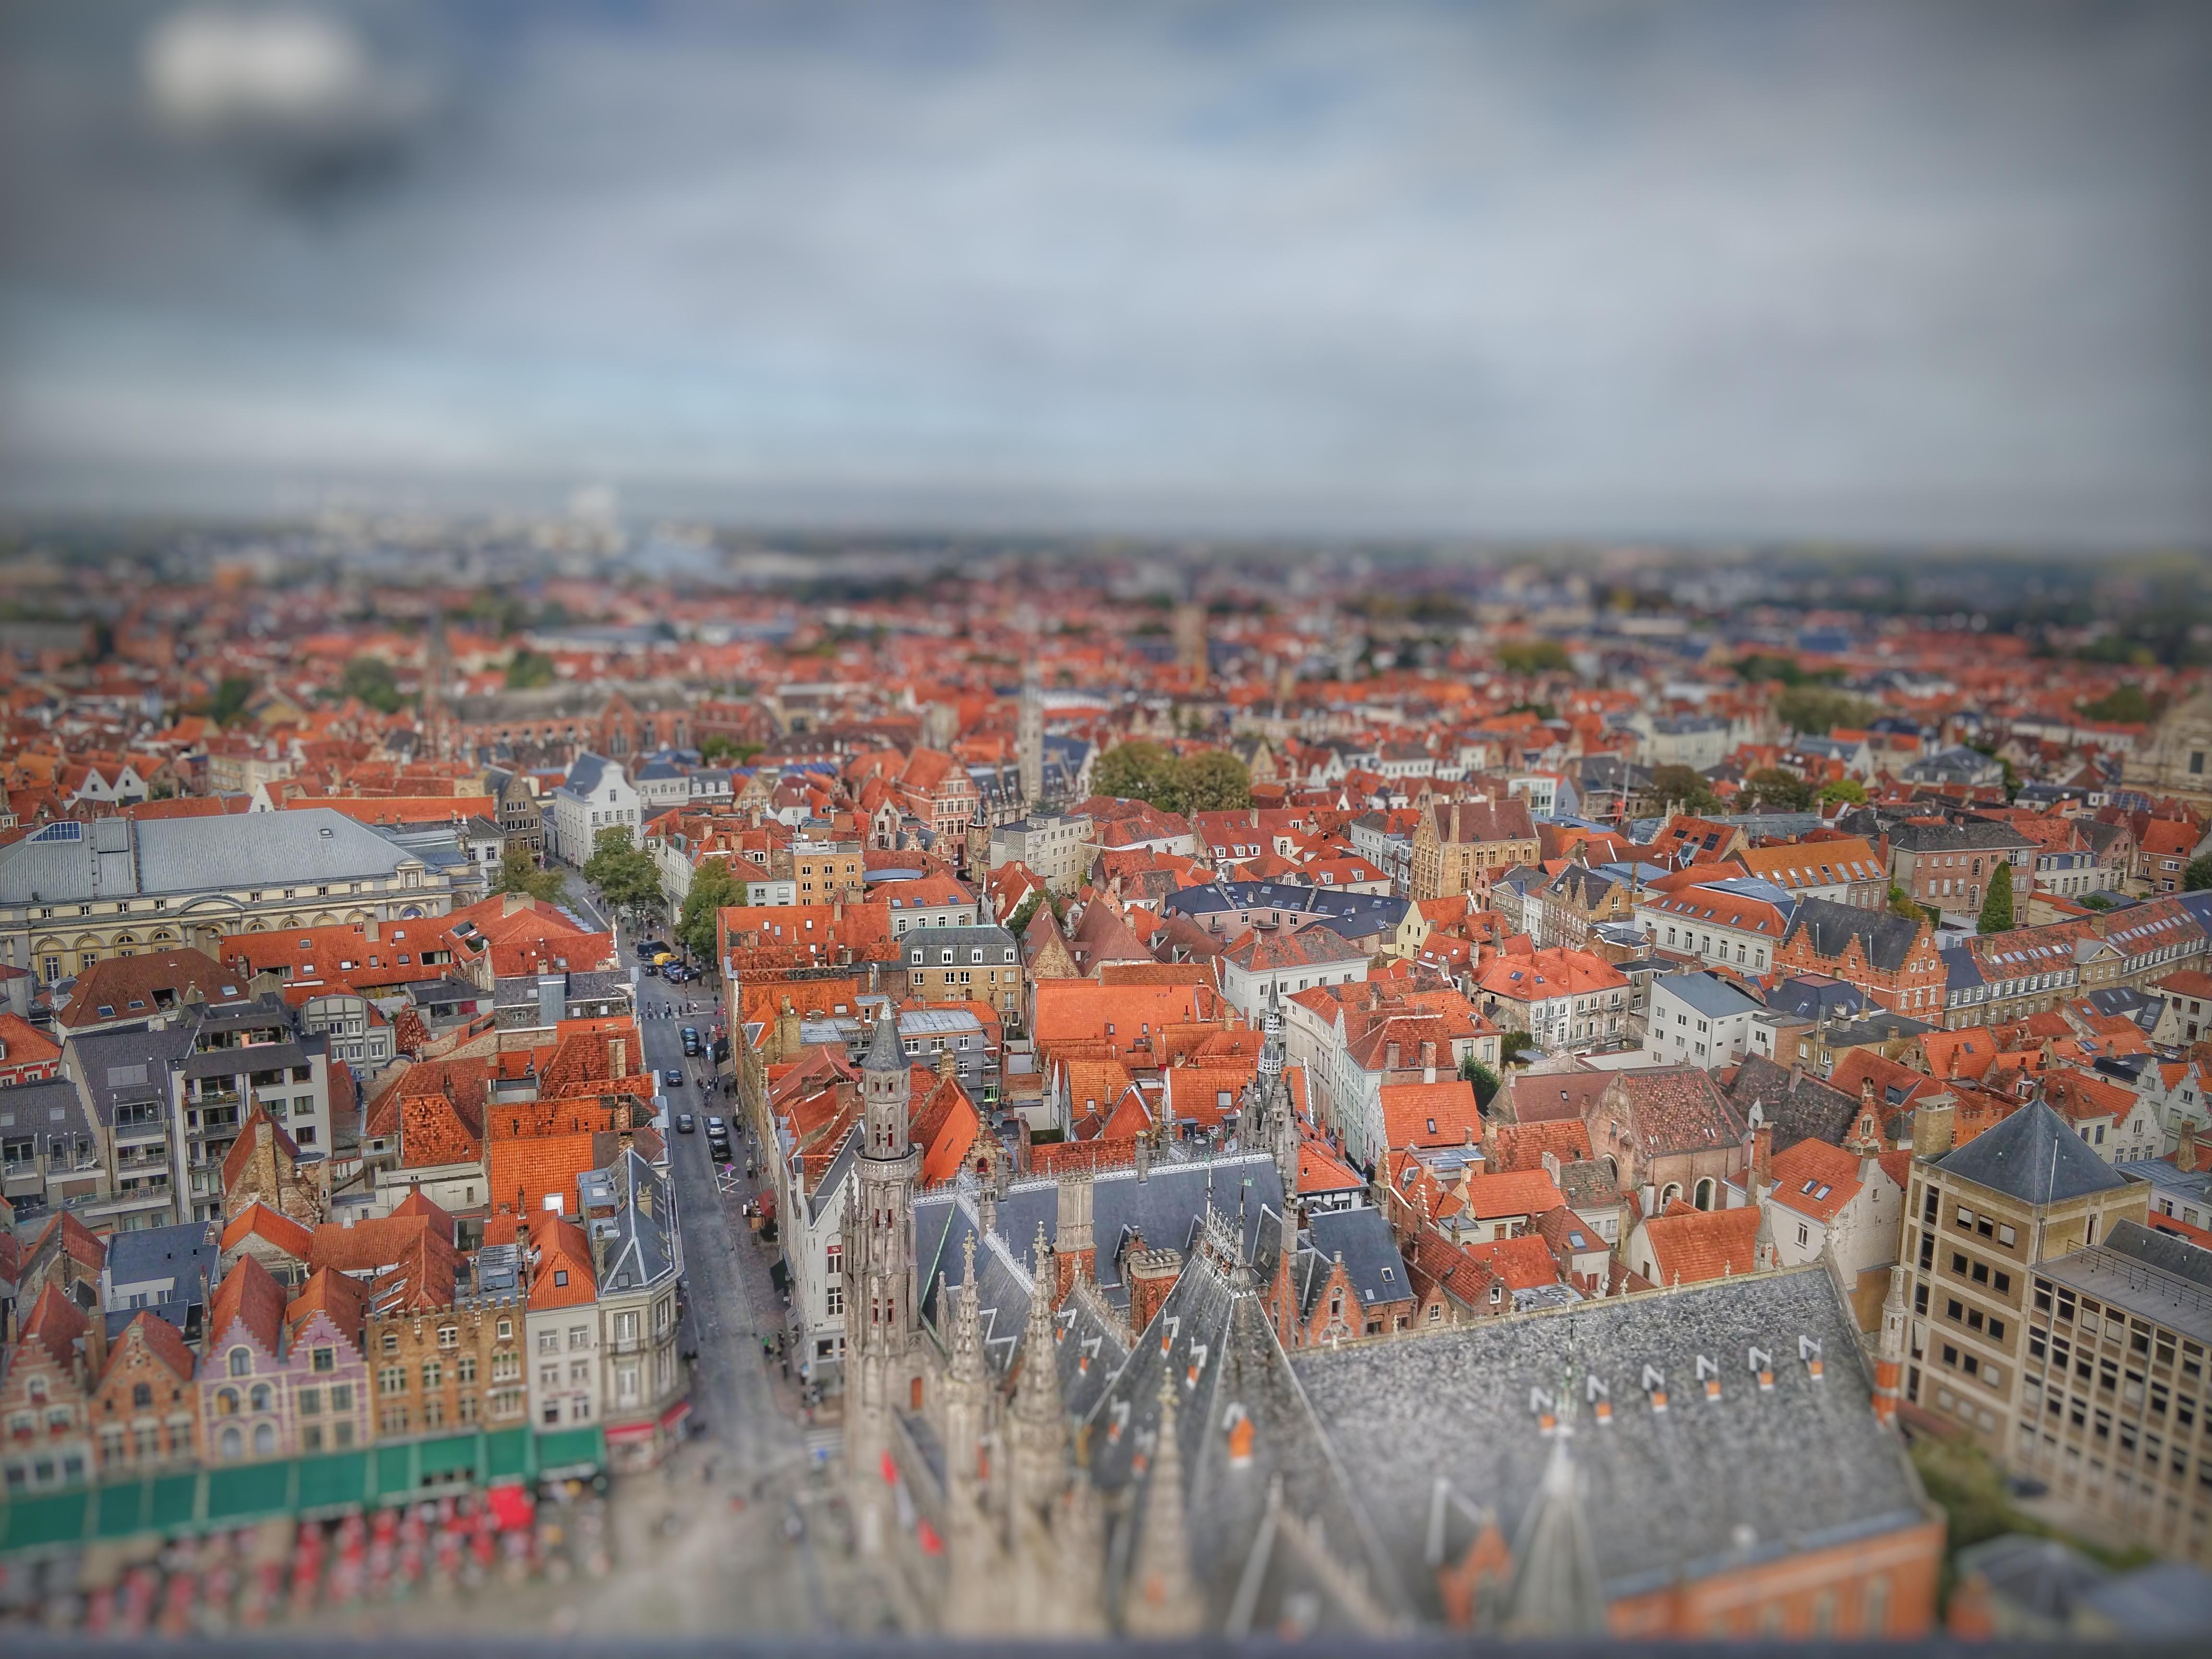 És a kilátás a városra! Csodás!